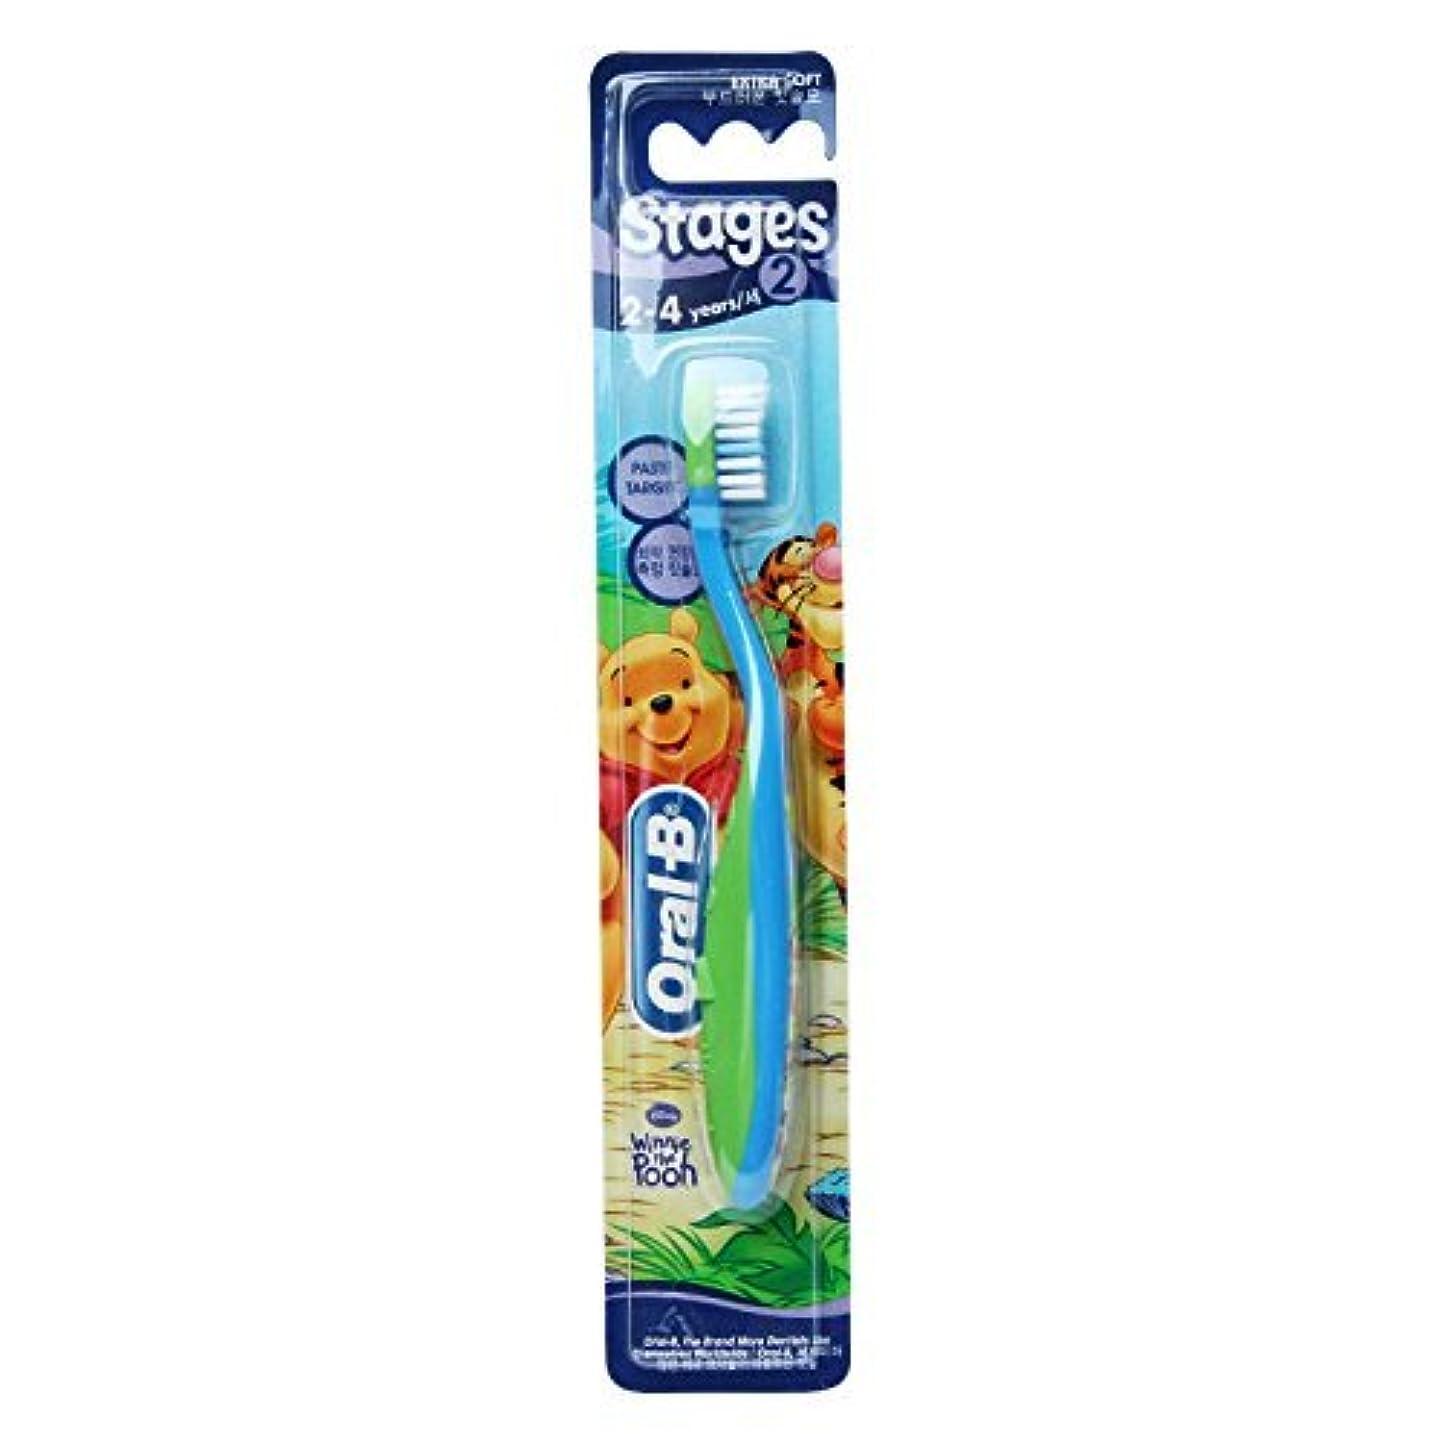 圧縮された賄賂寸法Oral-B Stages 2 Toothbrush 2 - 4 years 1 Pack /GENUINEと元の梱包 [並行輸入品]